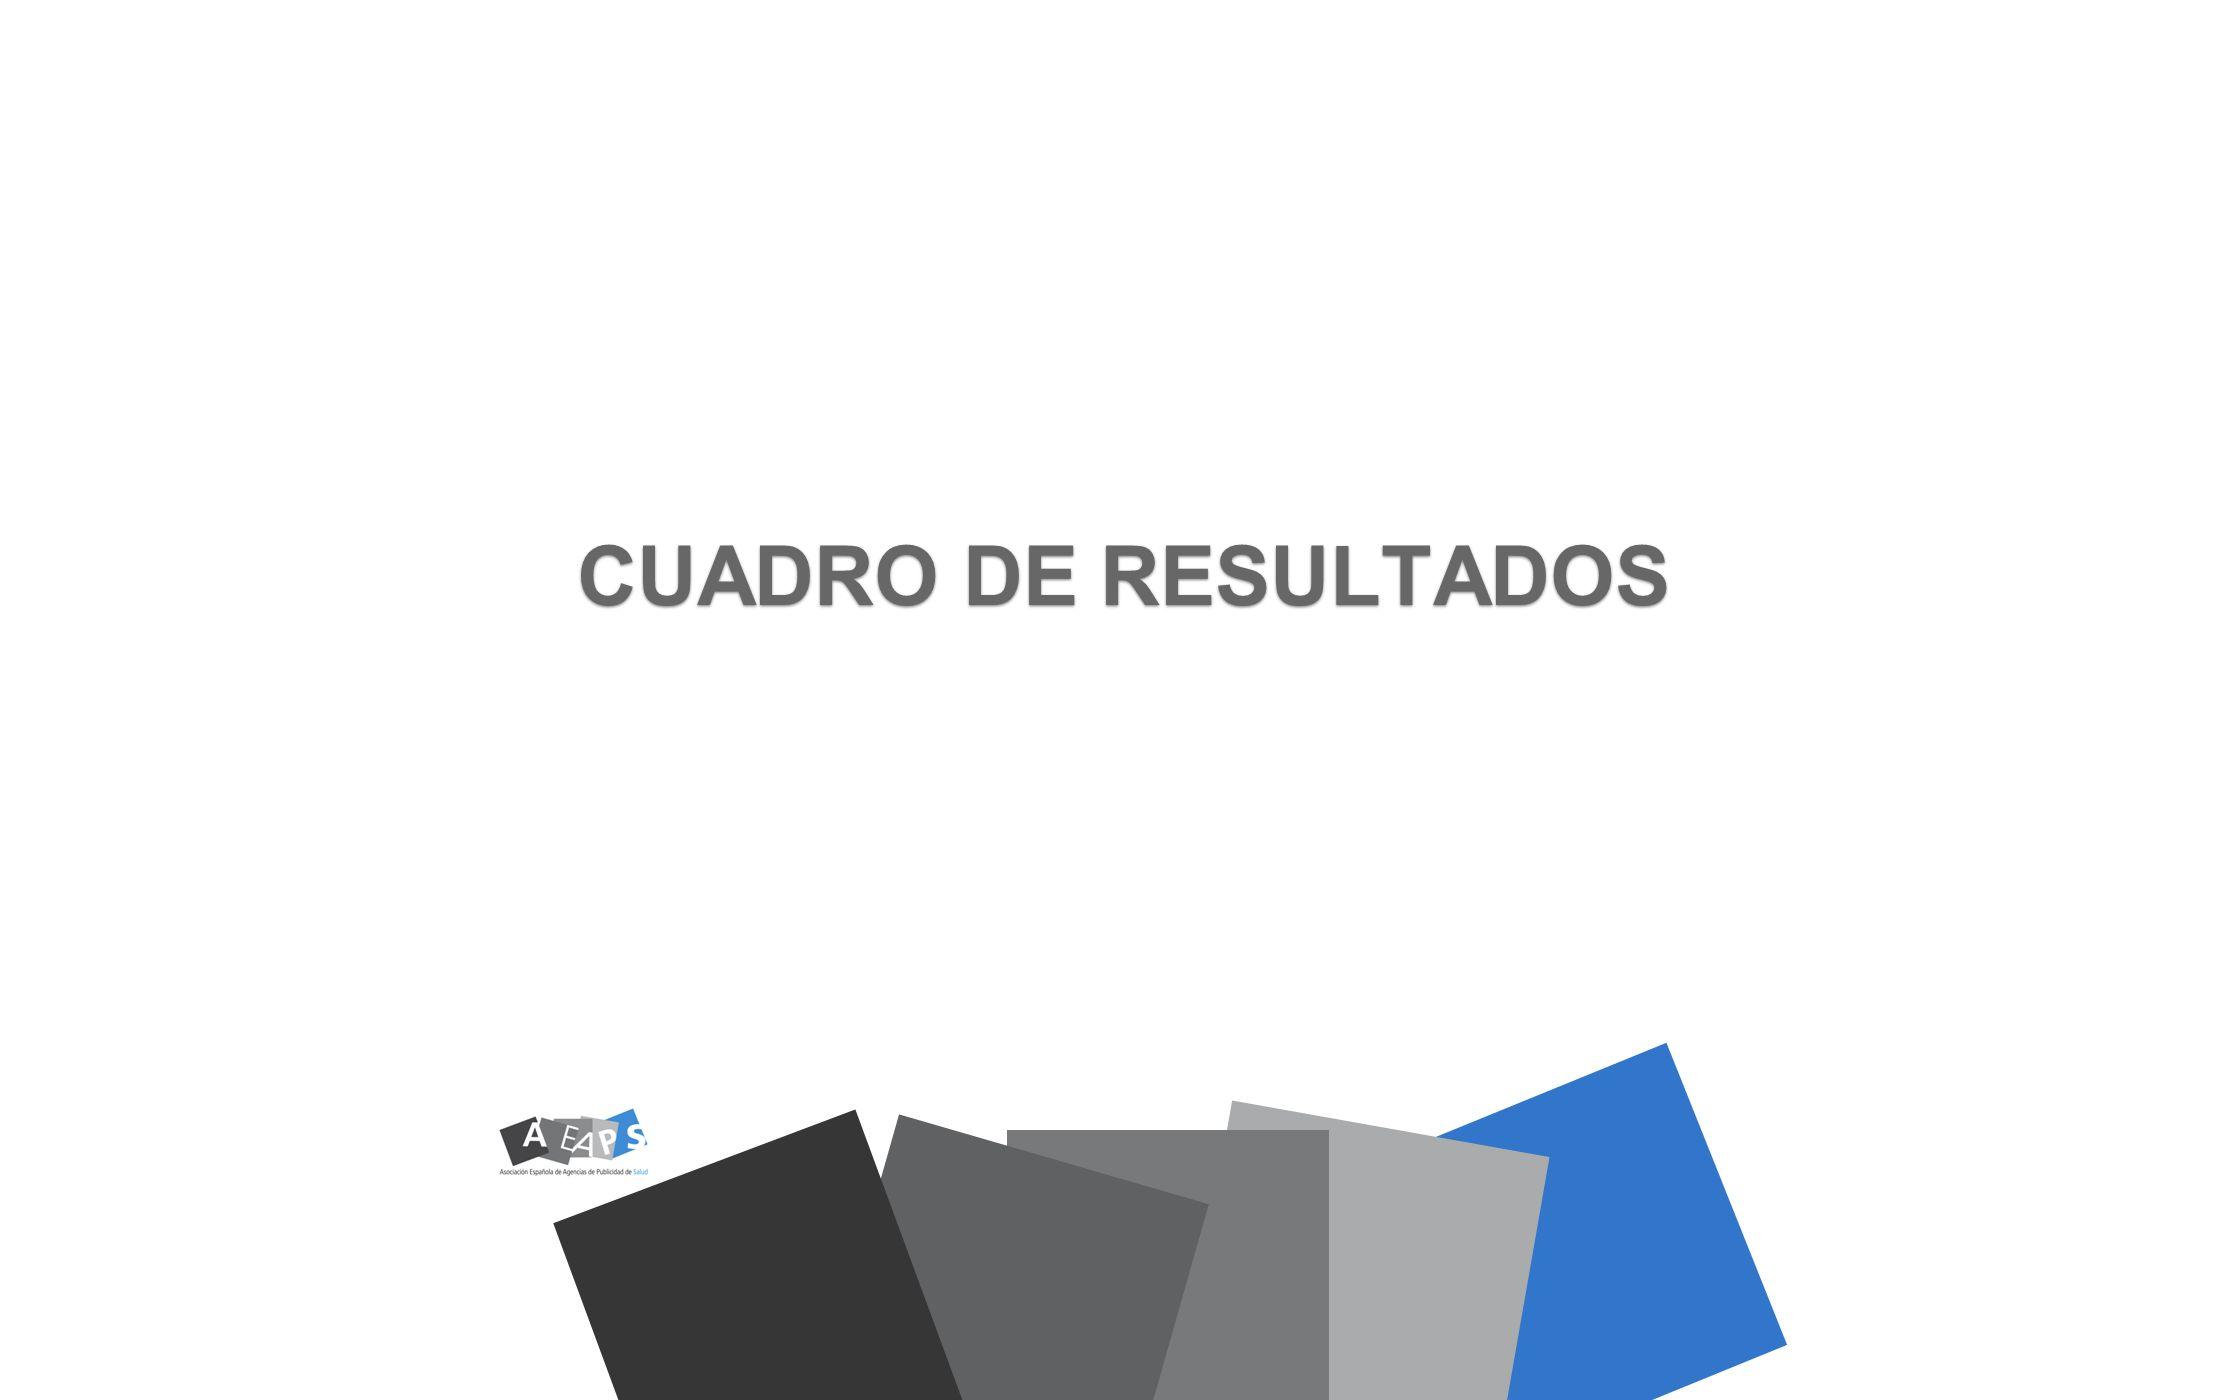 CUADRO DE RESULTADOS